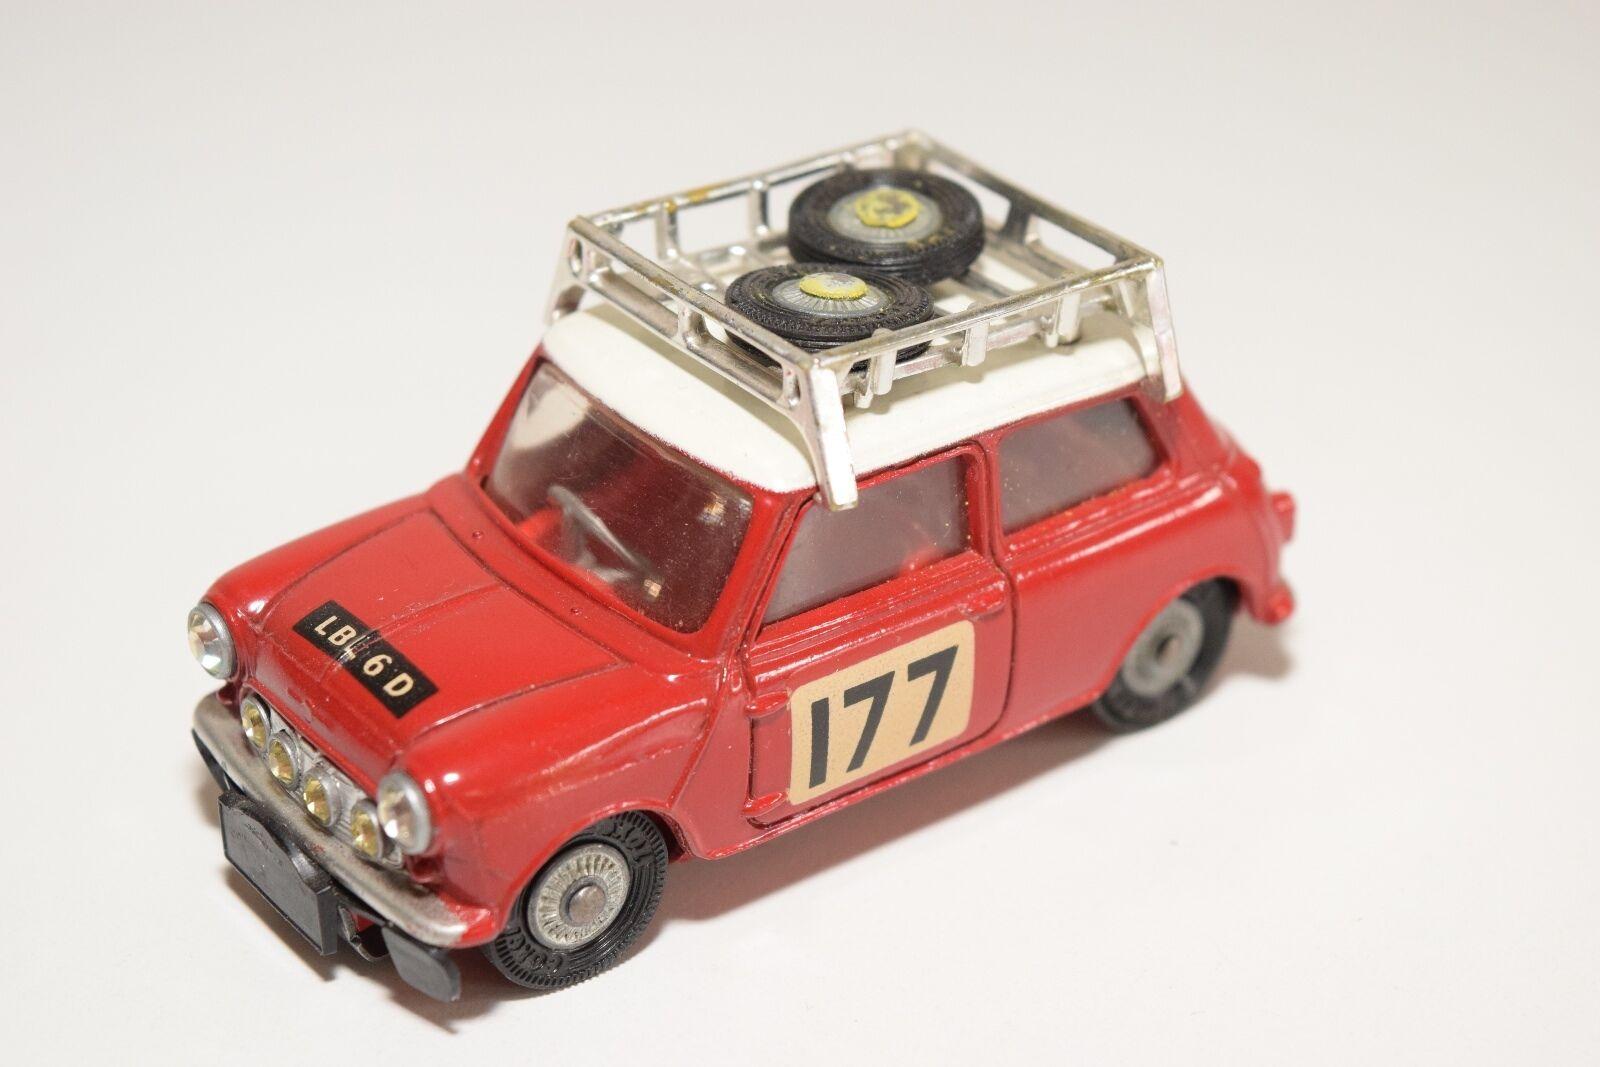 CORGI TOYS 339 BMC MINI COOPER S MONTE CARLO RALLY 1967 MINT CONDITION RARE